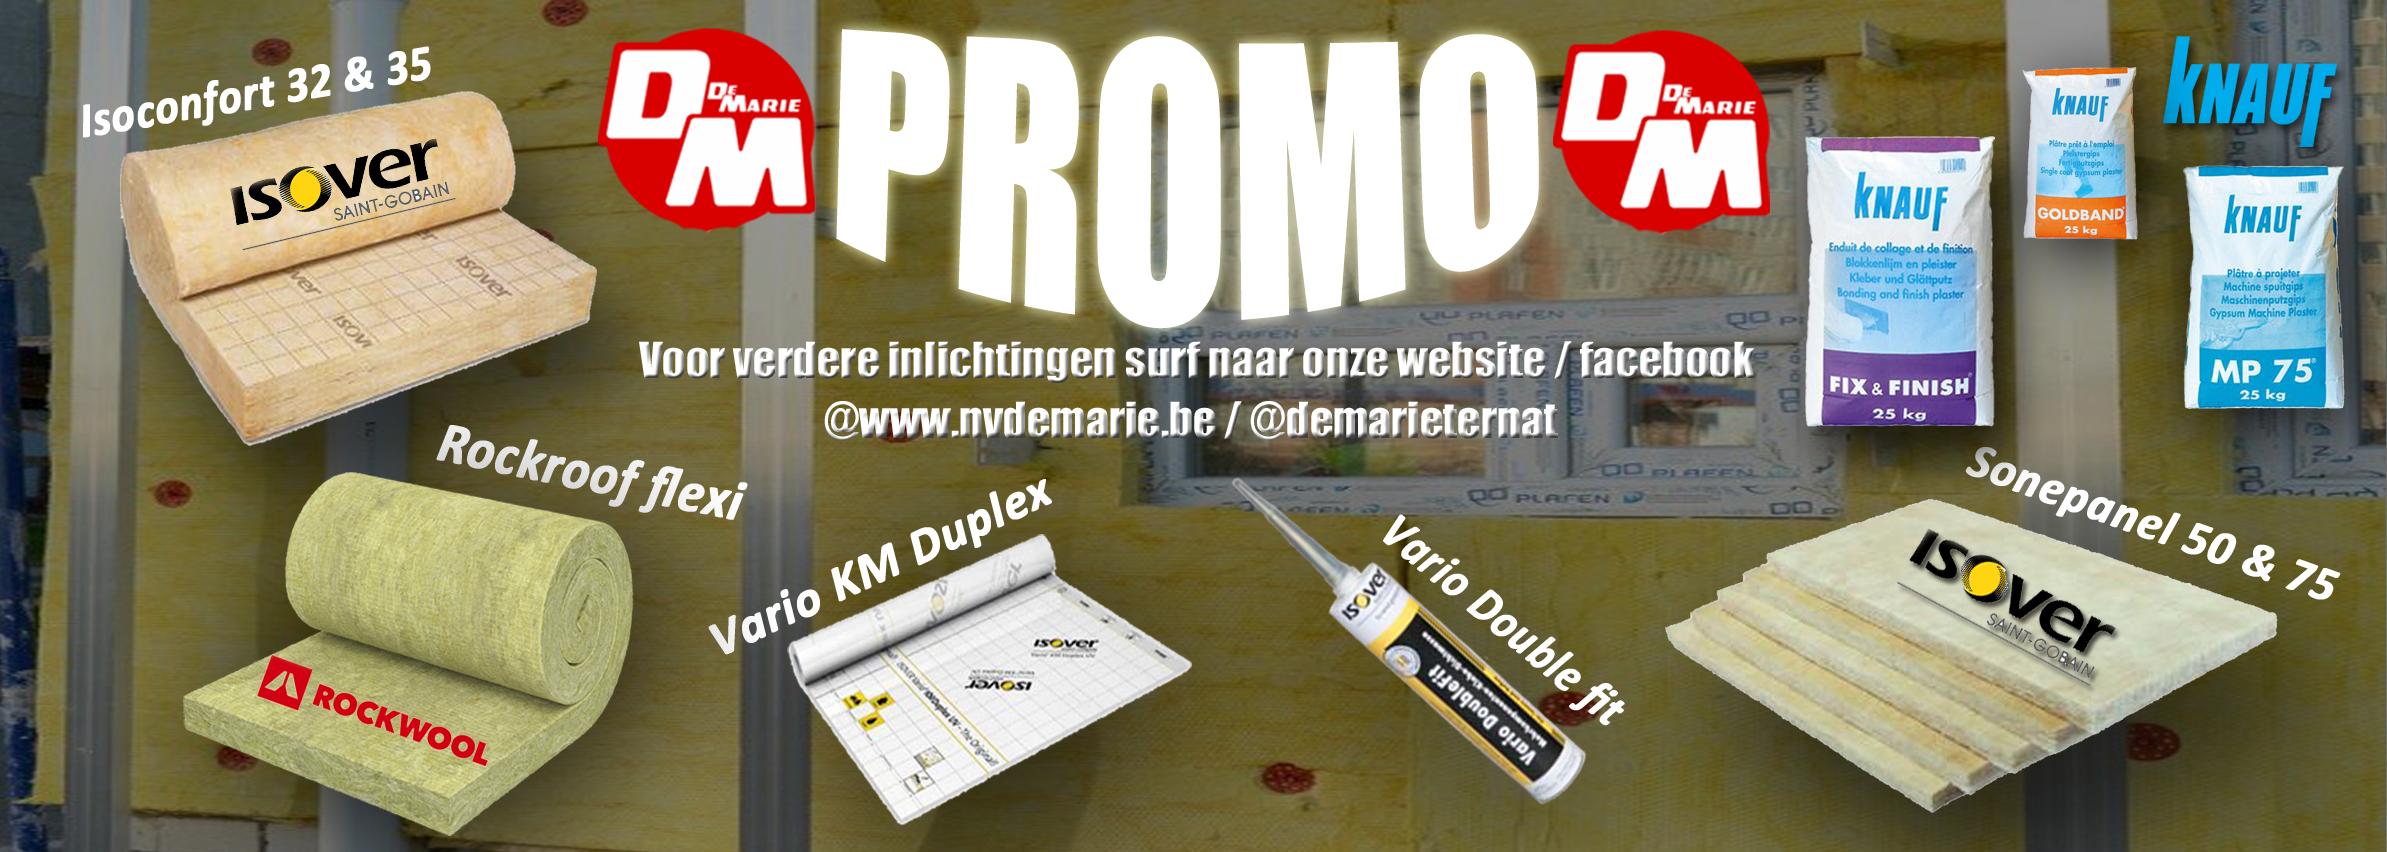 Bekijk onze promotiepagina voor meer informatie